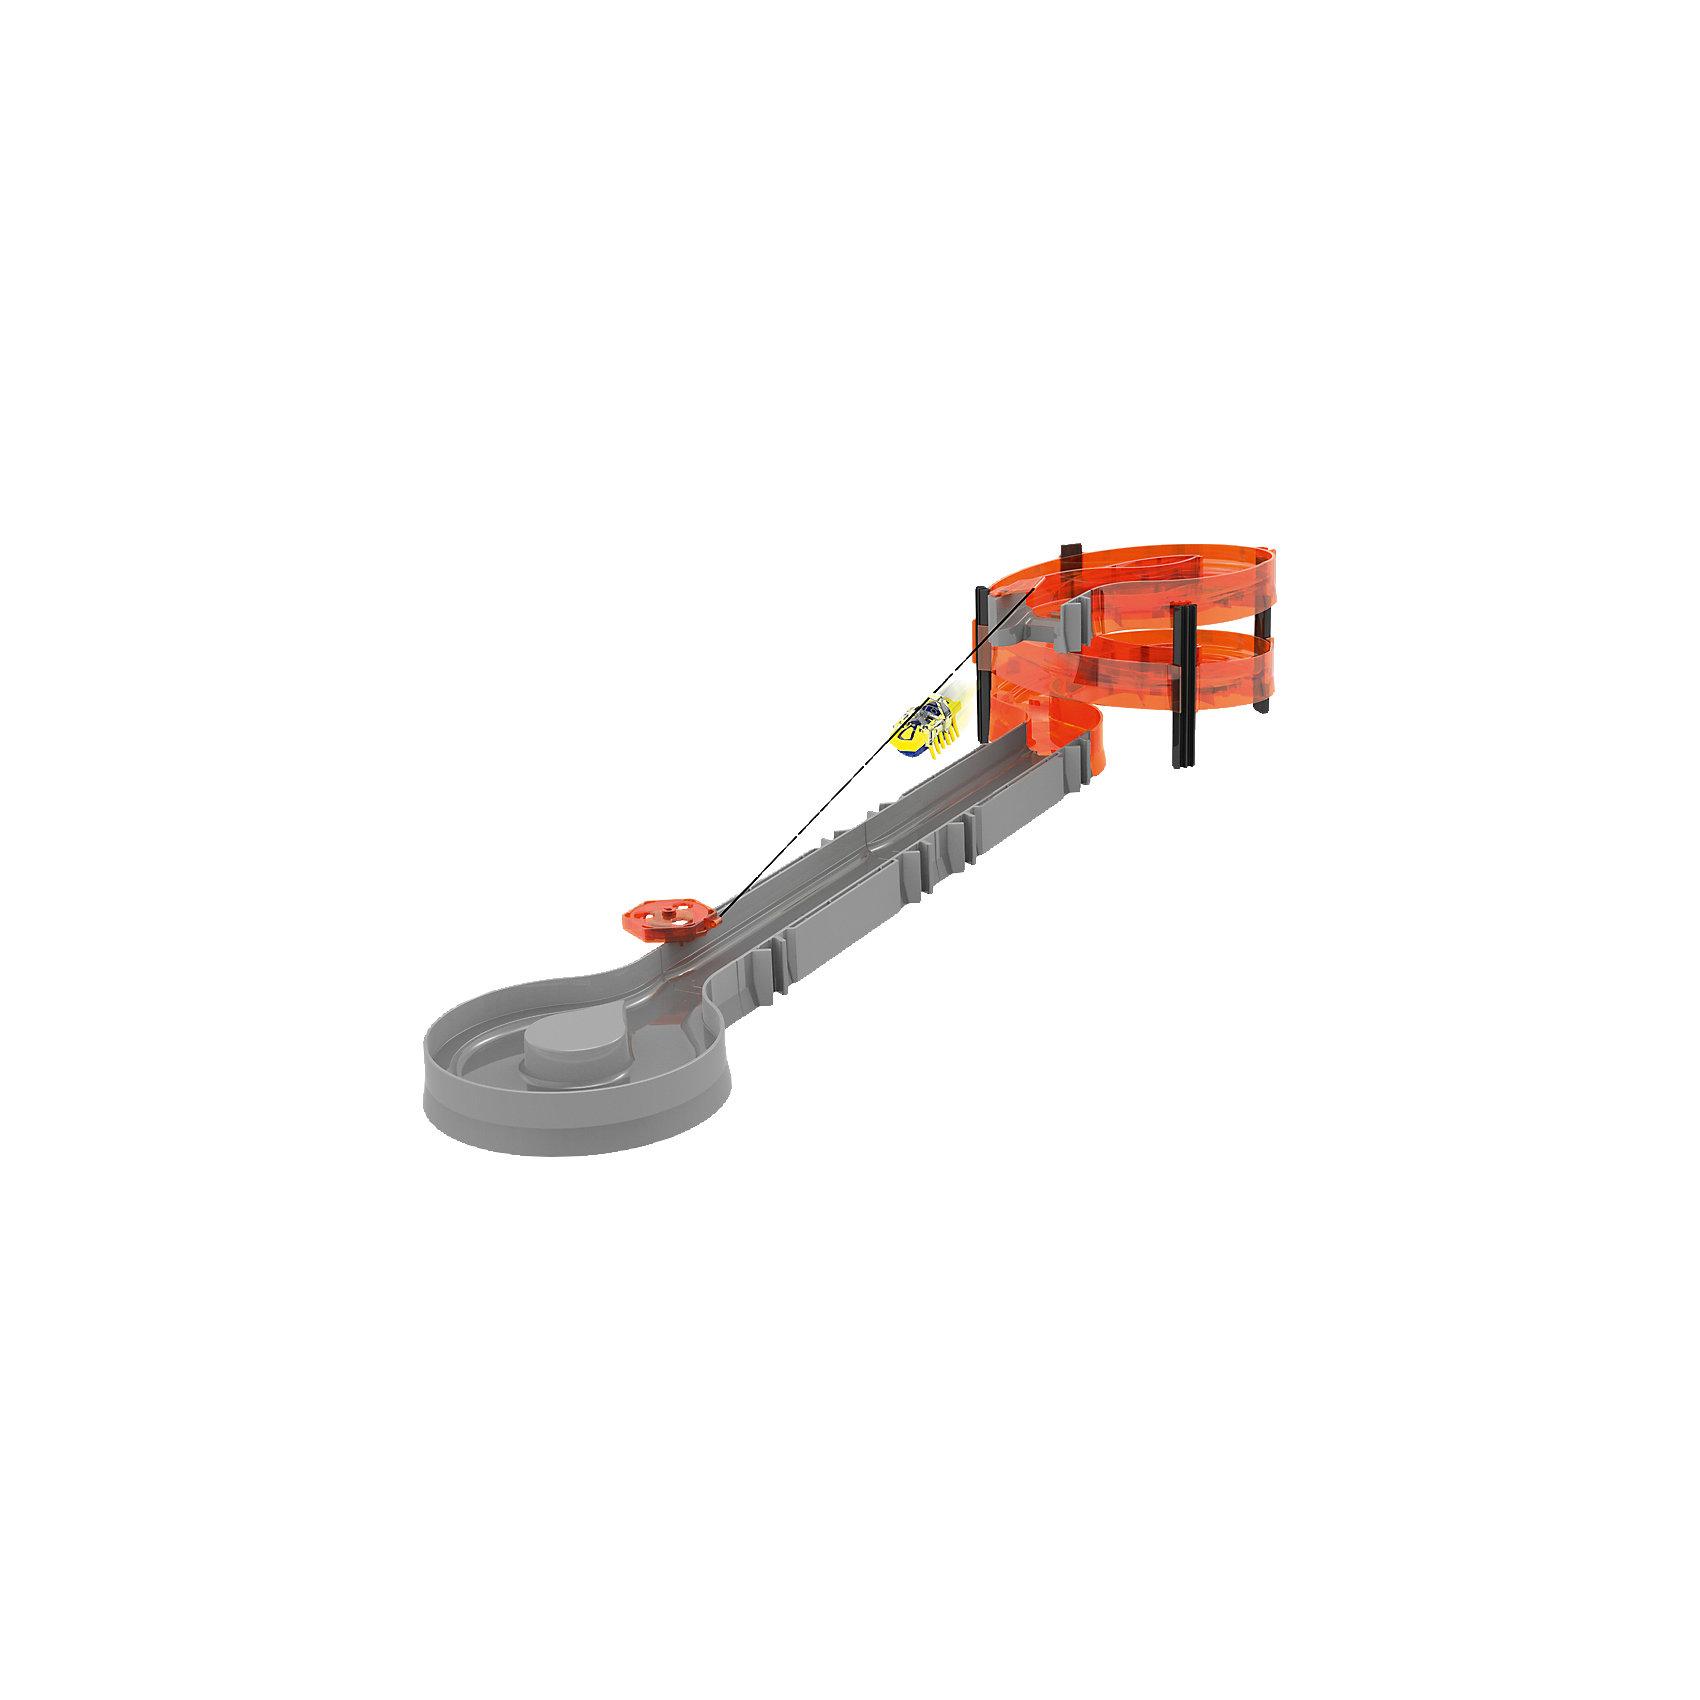 канатная дорога Зиплайн Нано, HexbugКанатная дорога Hexbug Nano Zip Line Starter Set<br><br>Характеристики игрового набора Hexbug:<br><br>• скоростной спуск по канатной дороге;<br>• набор имеет два уровня;<br>• канатная дорога регулируется по длине;<br>• в комплекте Hexbug 1 наноробот;<br>• канатная дорога выдерживает нагрузки нескольких нанороботов.<br><br>Нано-жуки решили опробовать себя в качестве альпинистов и горных туристов, выстроились в очередь перед стартовой площадкой. Преодолевать препятствия стало проще: нанороботы спускаются по канатной дороге к пункту назначения. <br><br>Комплектация игрового набора Zip Line Starter Set:<br><br>• прямые и  спиральные элементы, <br>• разворотная площадка, <br>• канатная дорога с креплением, <br>• 1 наноробот;<br>• 4 рюкзака для Hexbug Nano;<br>• инструкция. <br><br>Канатная дорога Зиплайн Нано, Hexbug можно купить в нашем интернет-магазине.<br><br>Ширина мм: 332<br>Глубина мм: 210<br>Высота мм: 63<br>Вес г: 357<br>Возраст от месяцев: 96<br>Возраст до месяцев: 156<br>Пол: Мужской<br>Возраст: Детский<br>SKU: 3998590